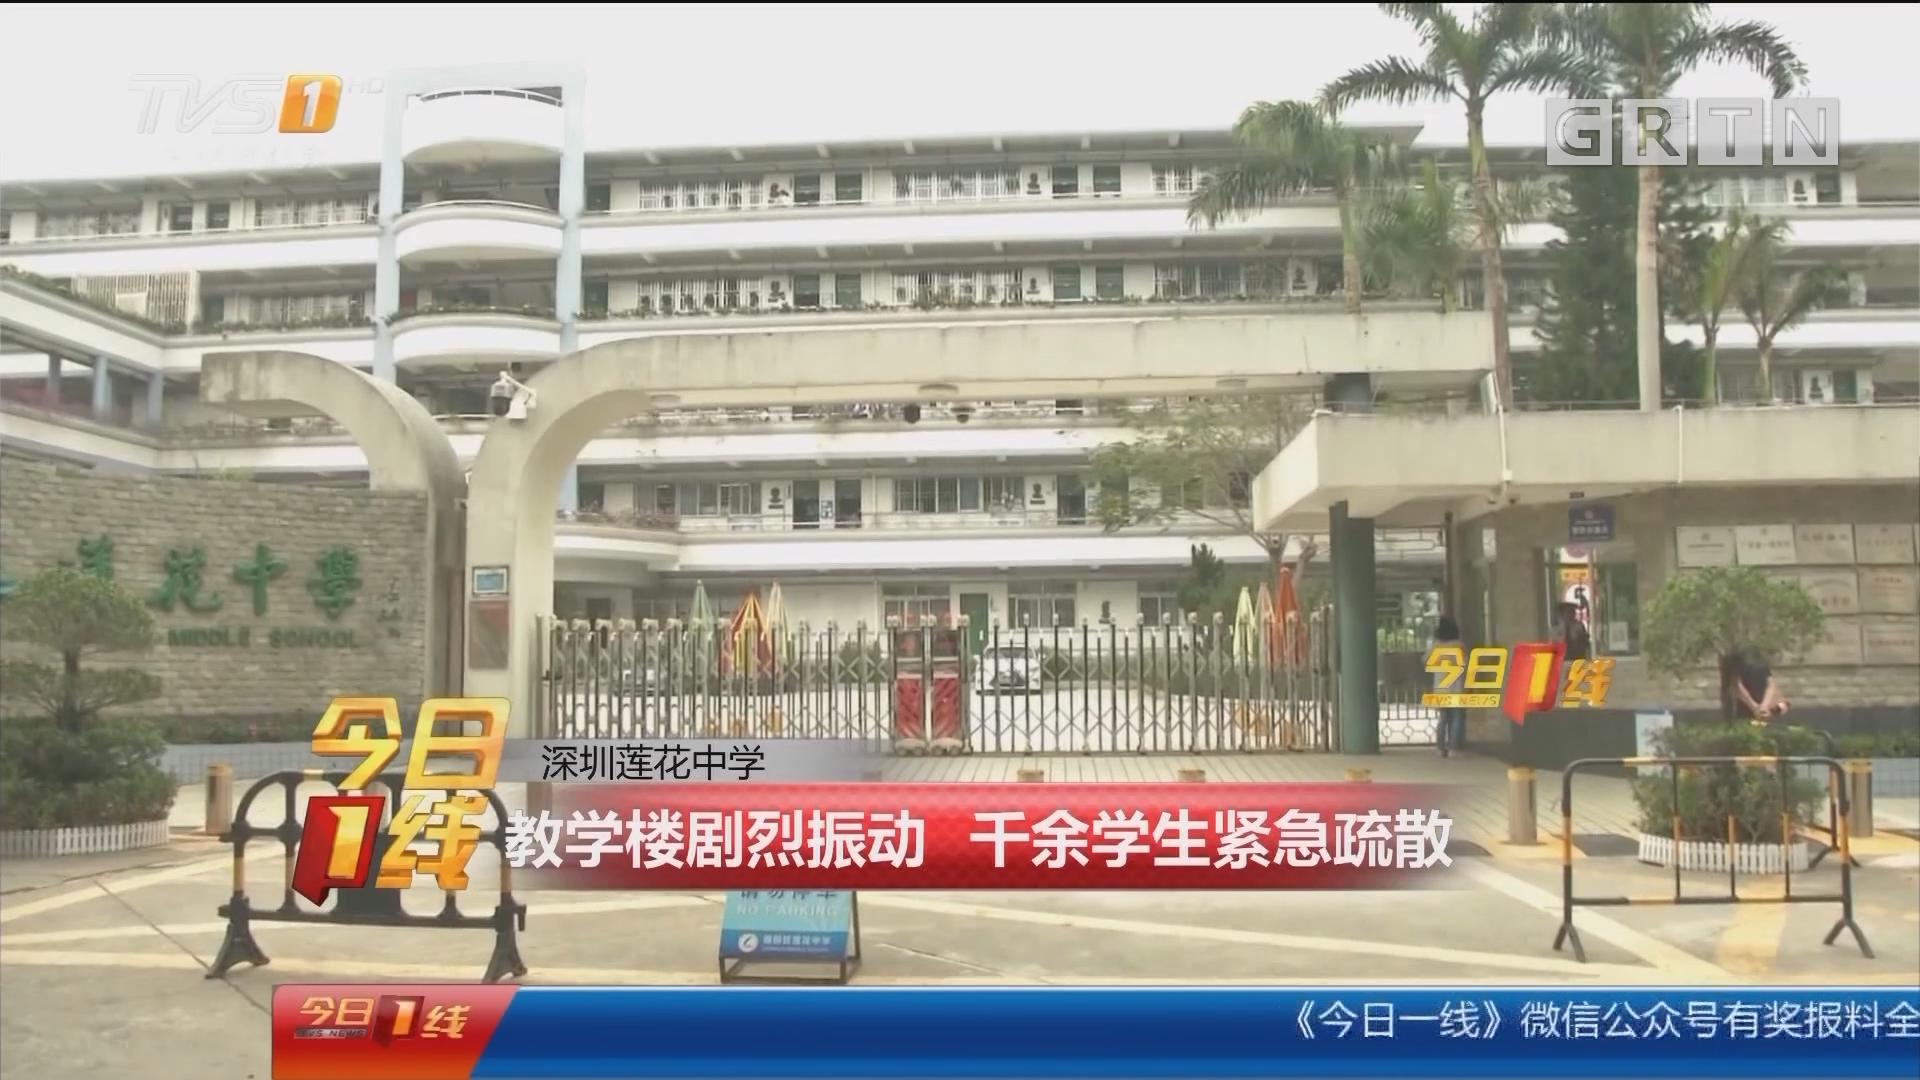 深圳莲花中学:教学楼剧烈振动 千余学生紧急疏散